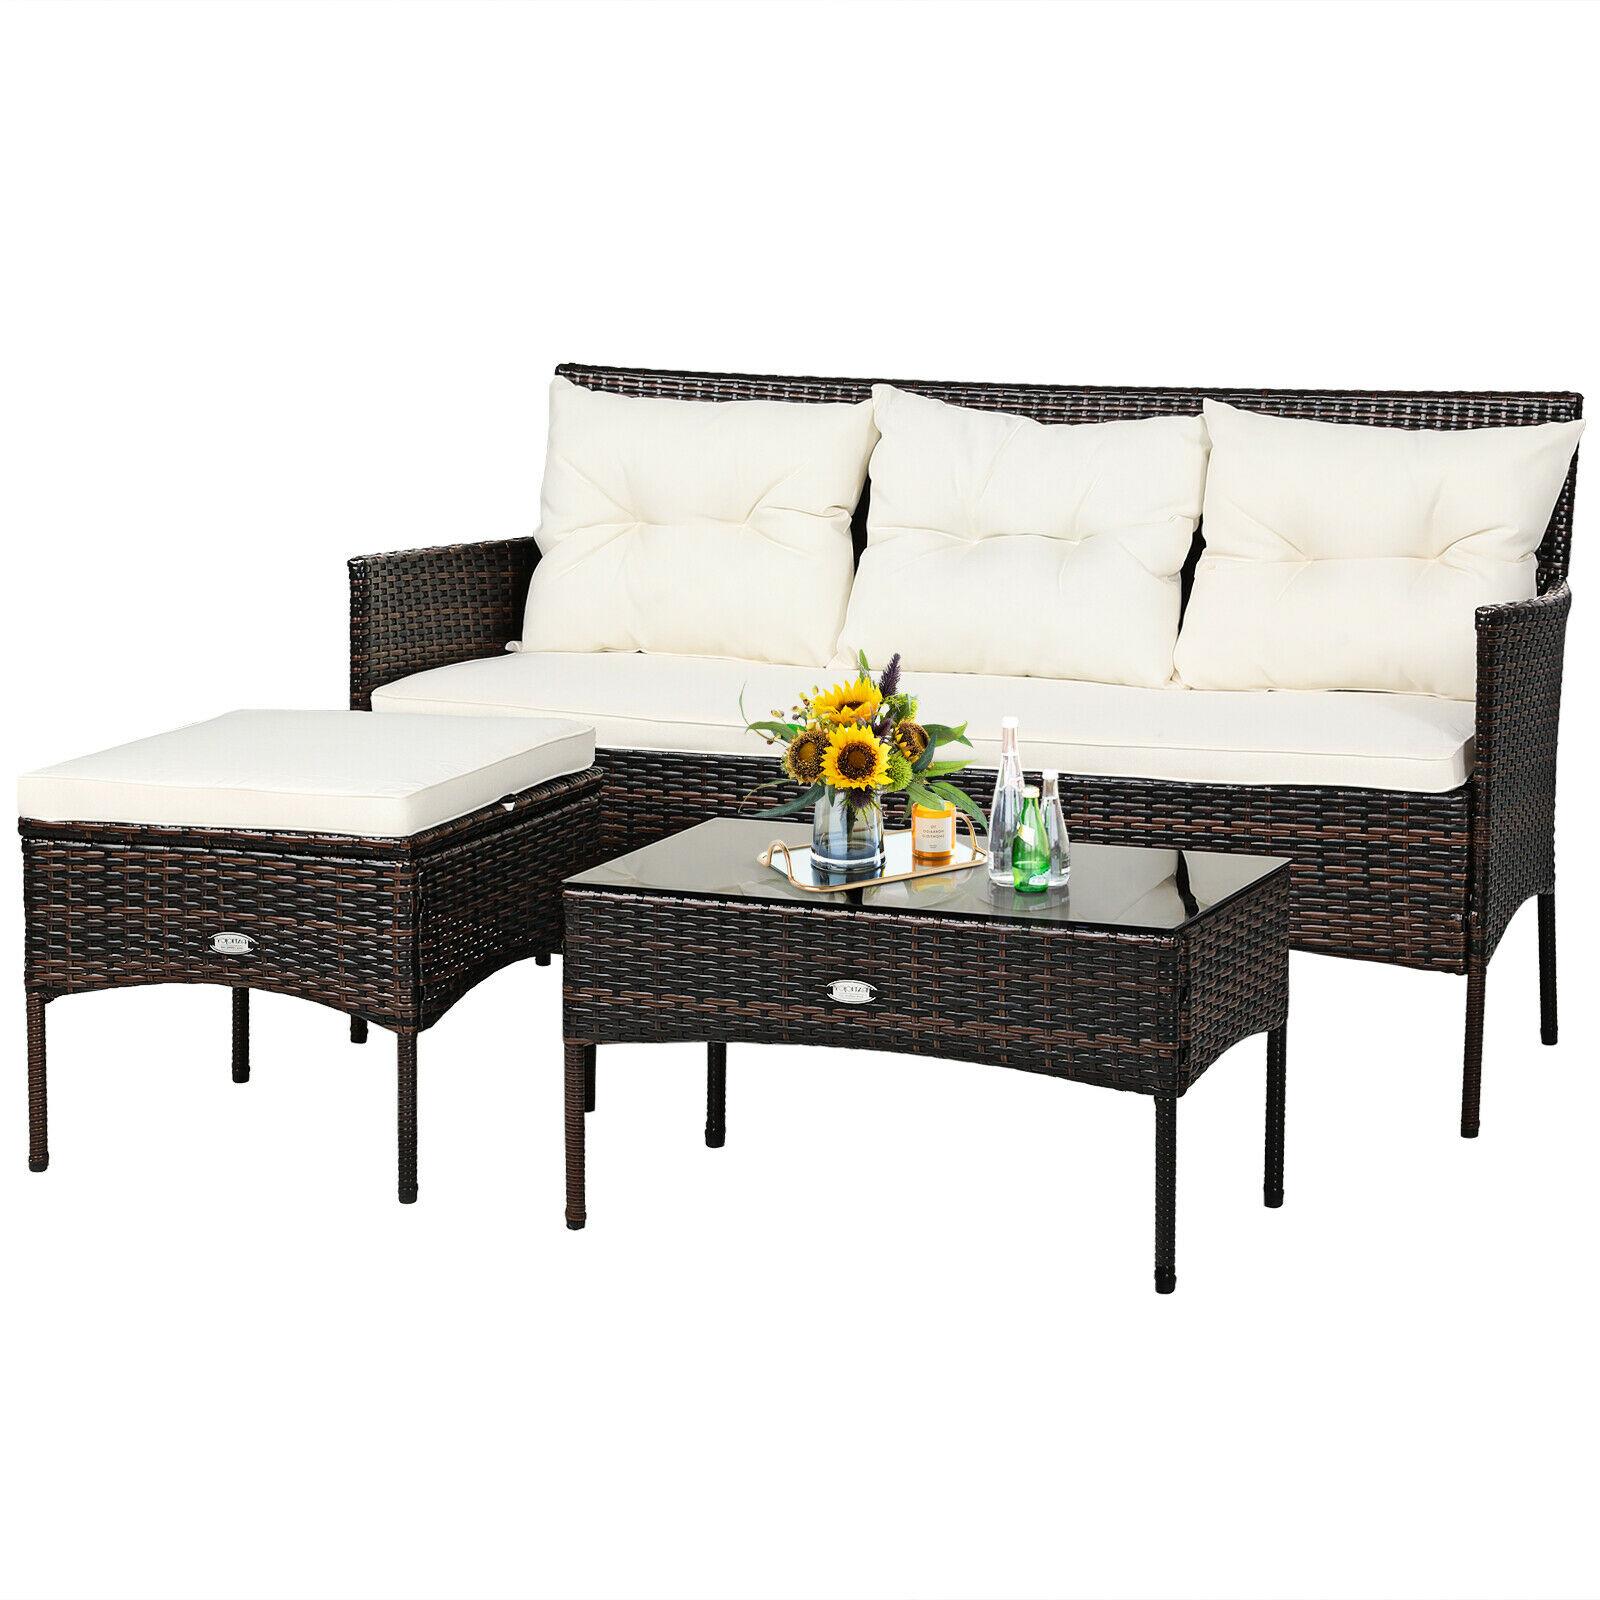 Комплект мебели из 3 предметов для патио из ротанга, 3-местный диван, мягкий стол для сада HW67714WH